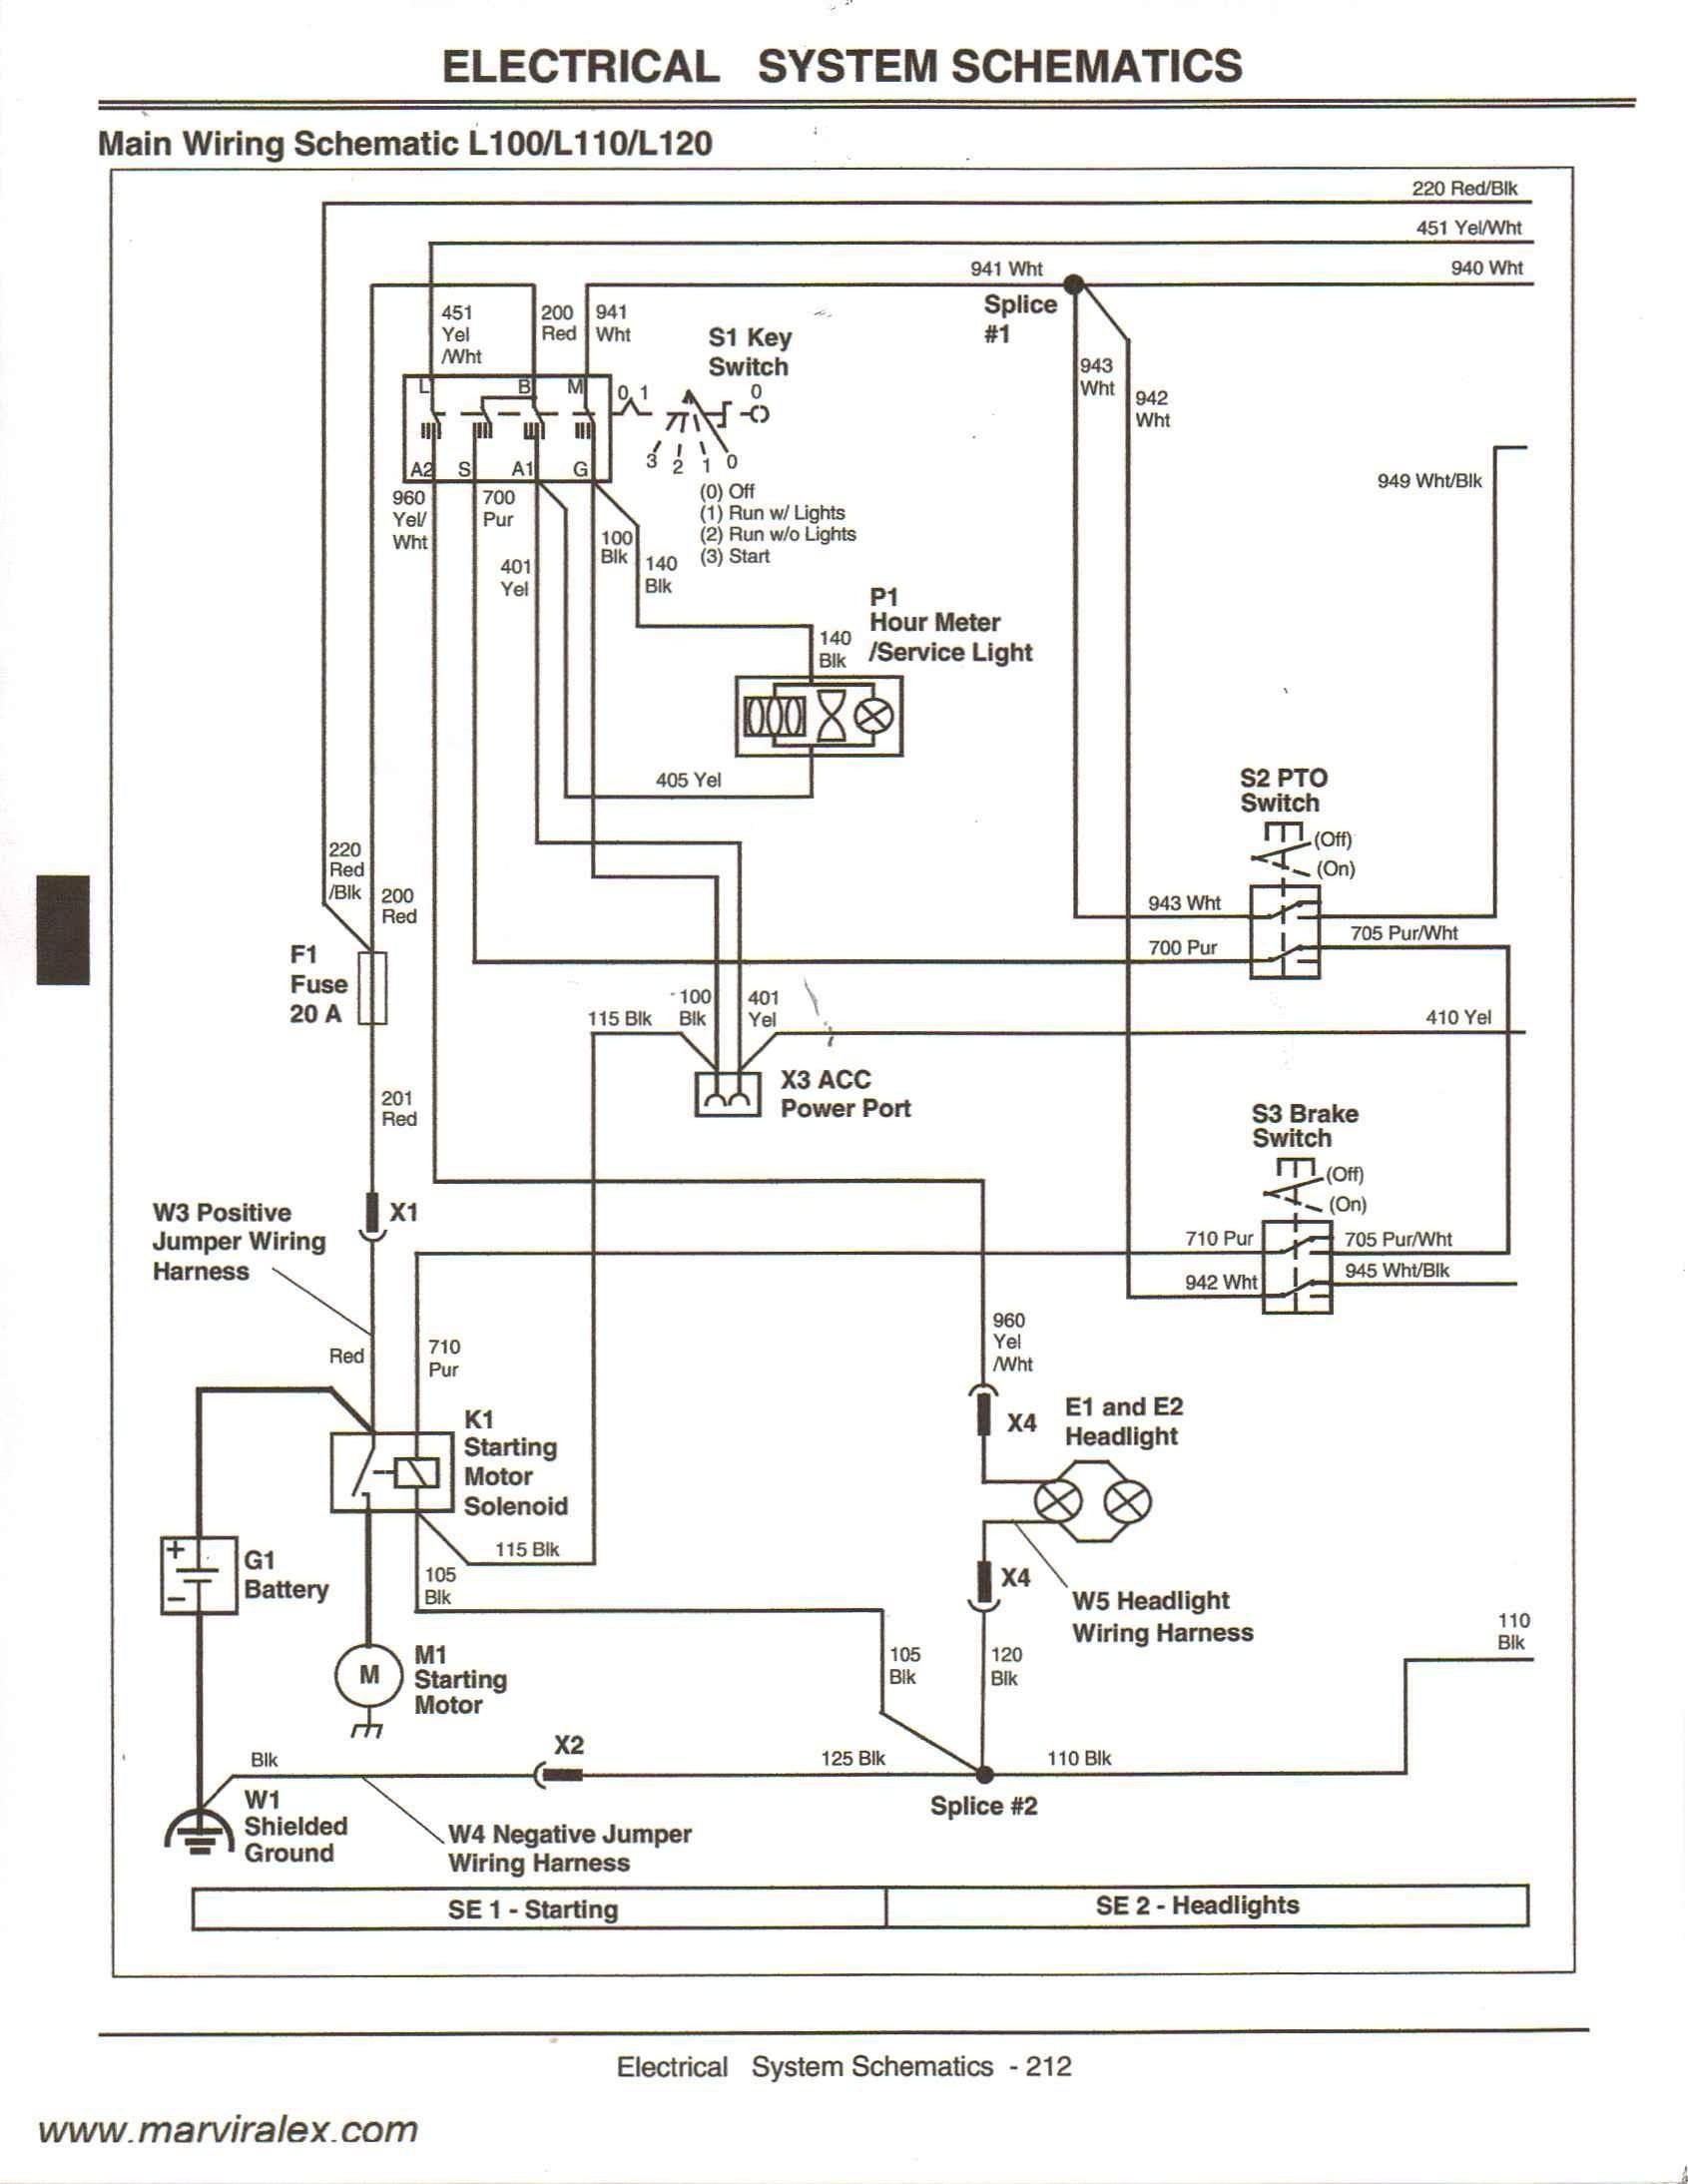 John Deere Lt150 Wiring Diagram Jd 1020 Wiring Diagram Of John Deere Lt150 Wiring Diagram